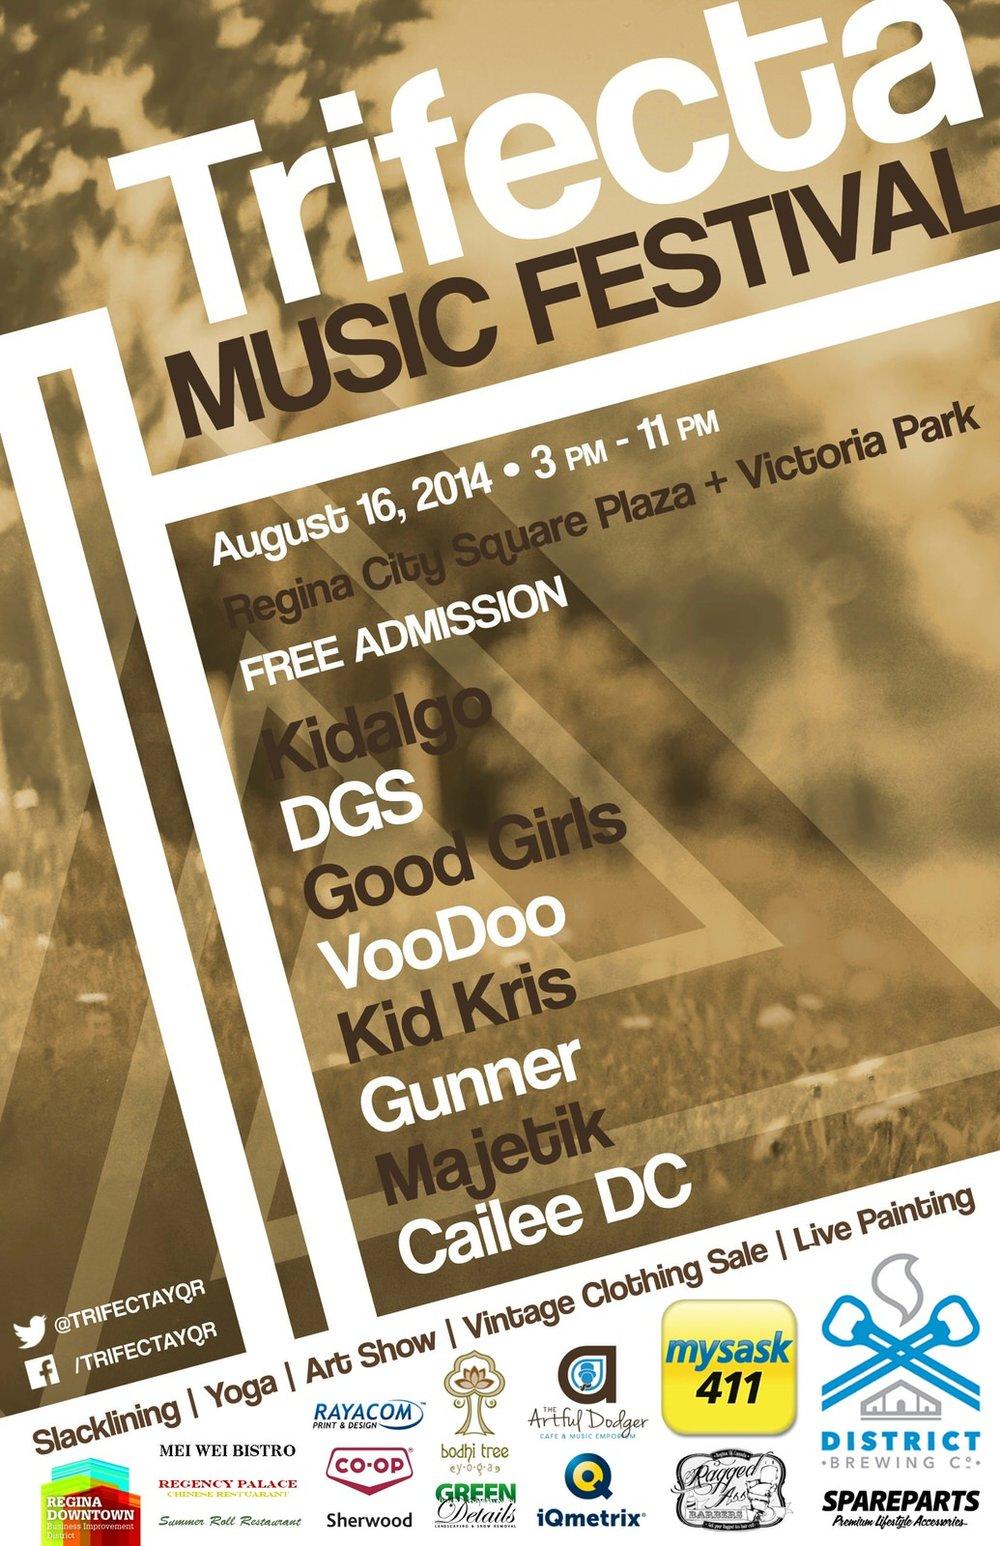 Trifecta Music Festival v5.jpg